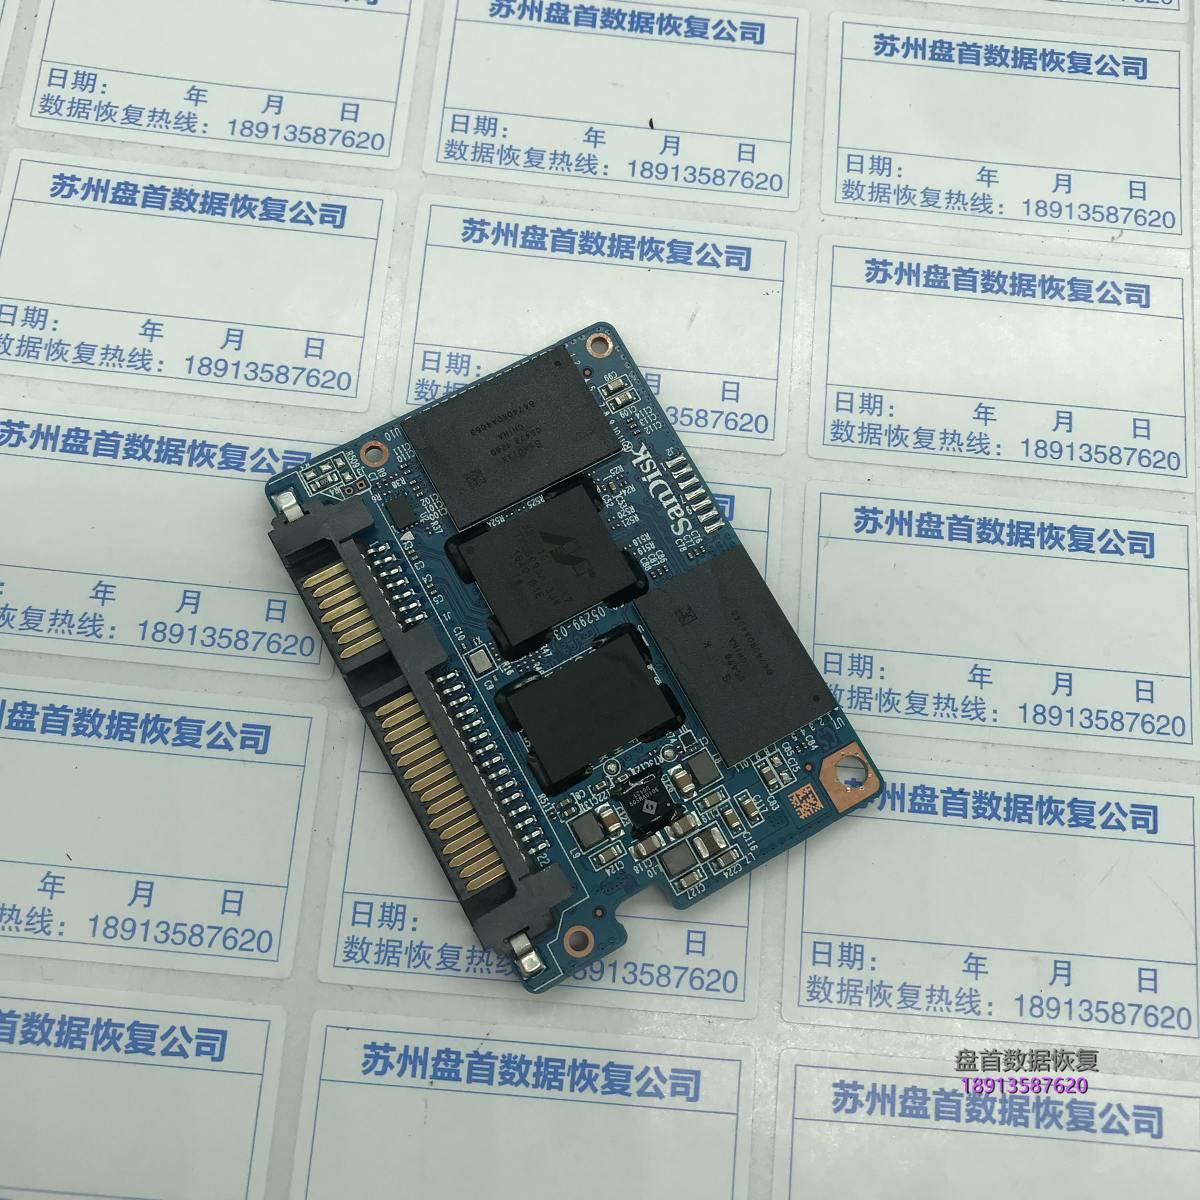 闪迪X400 FLASH坏块原因导致SSD只读开机卡死无法读取数据